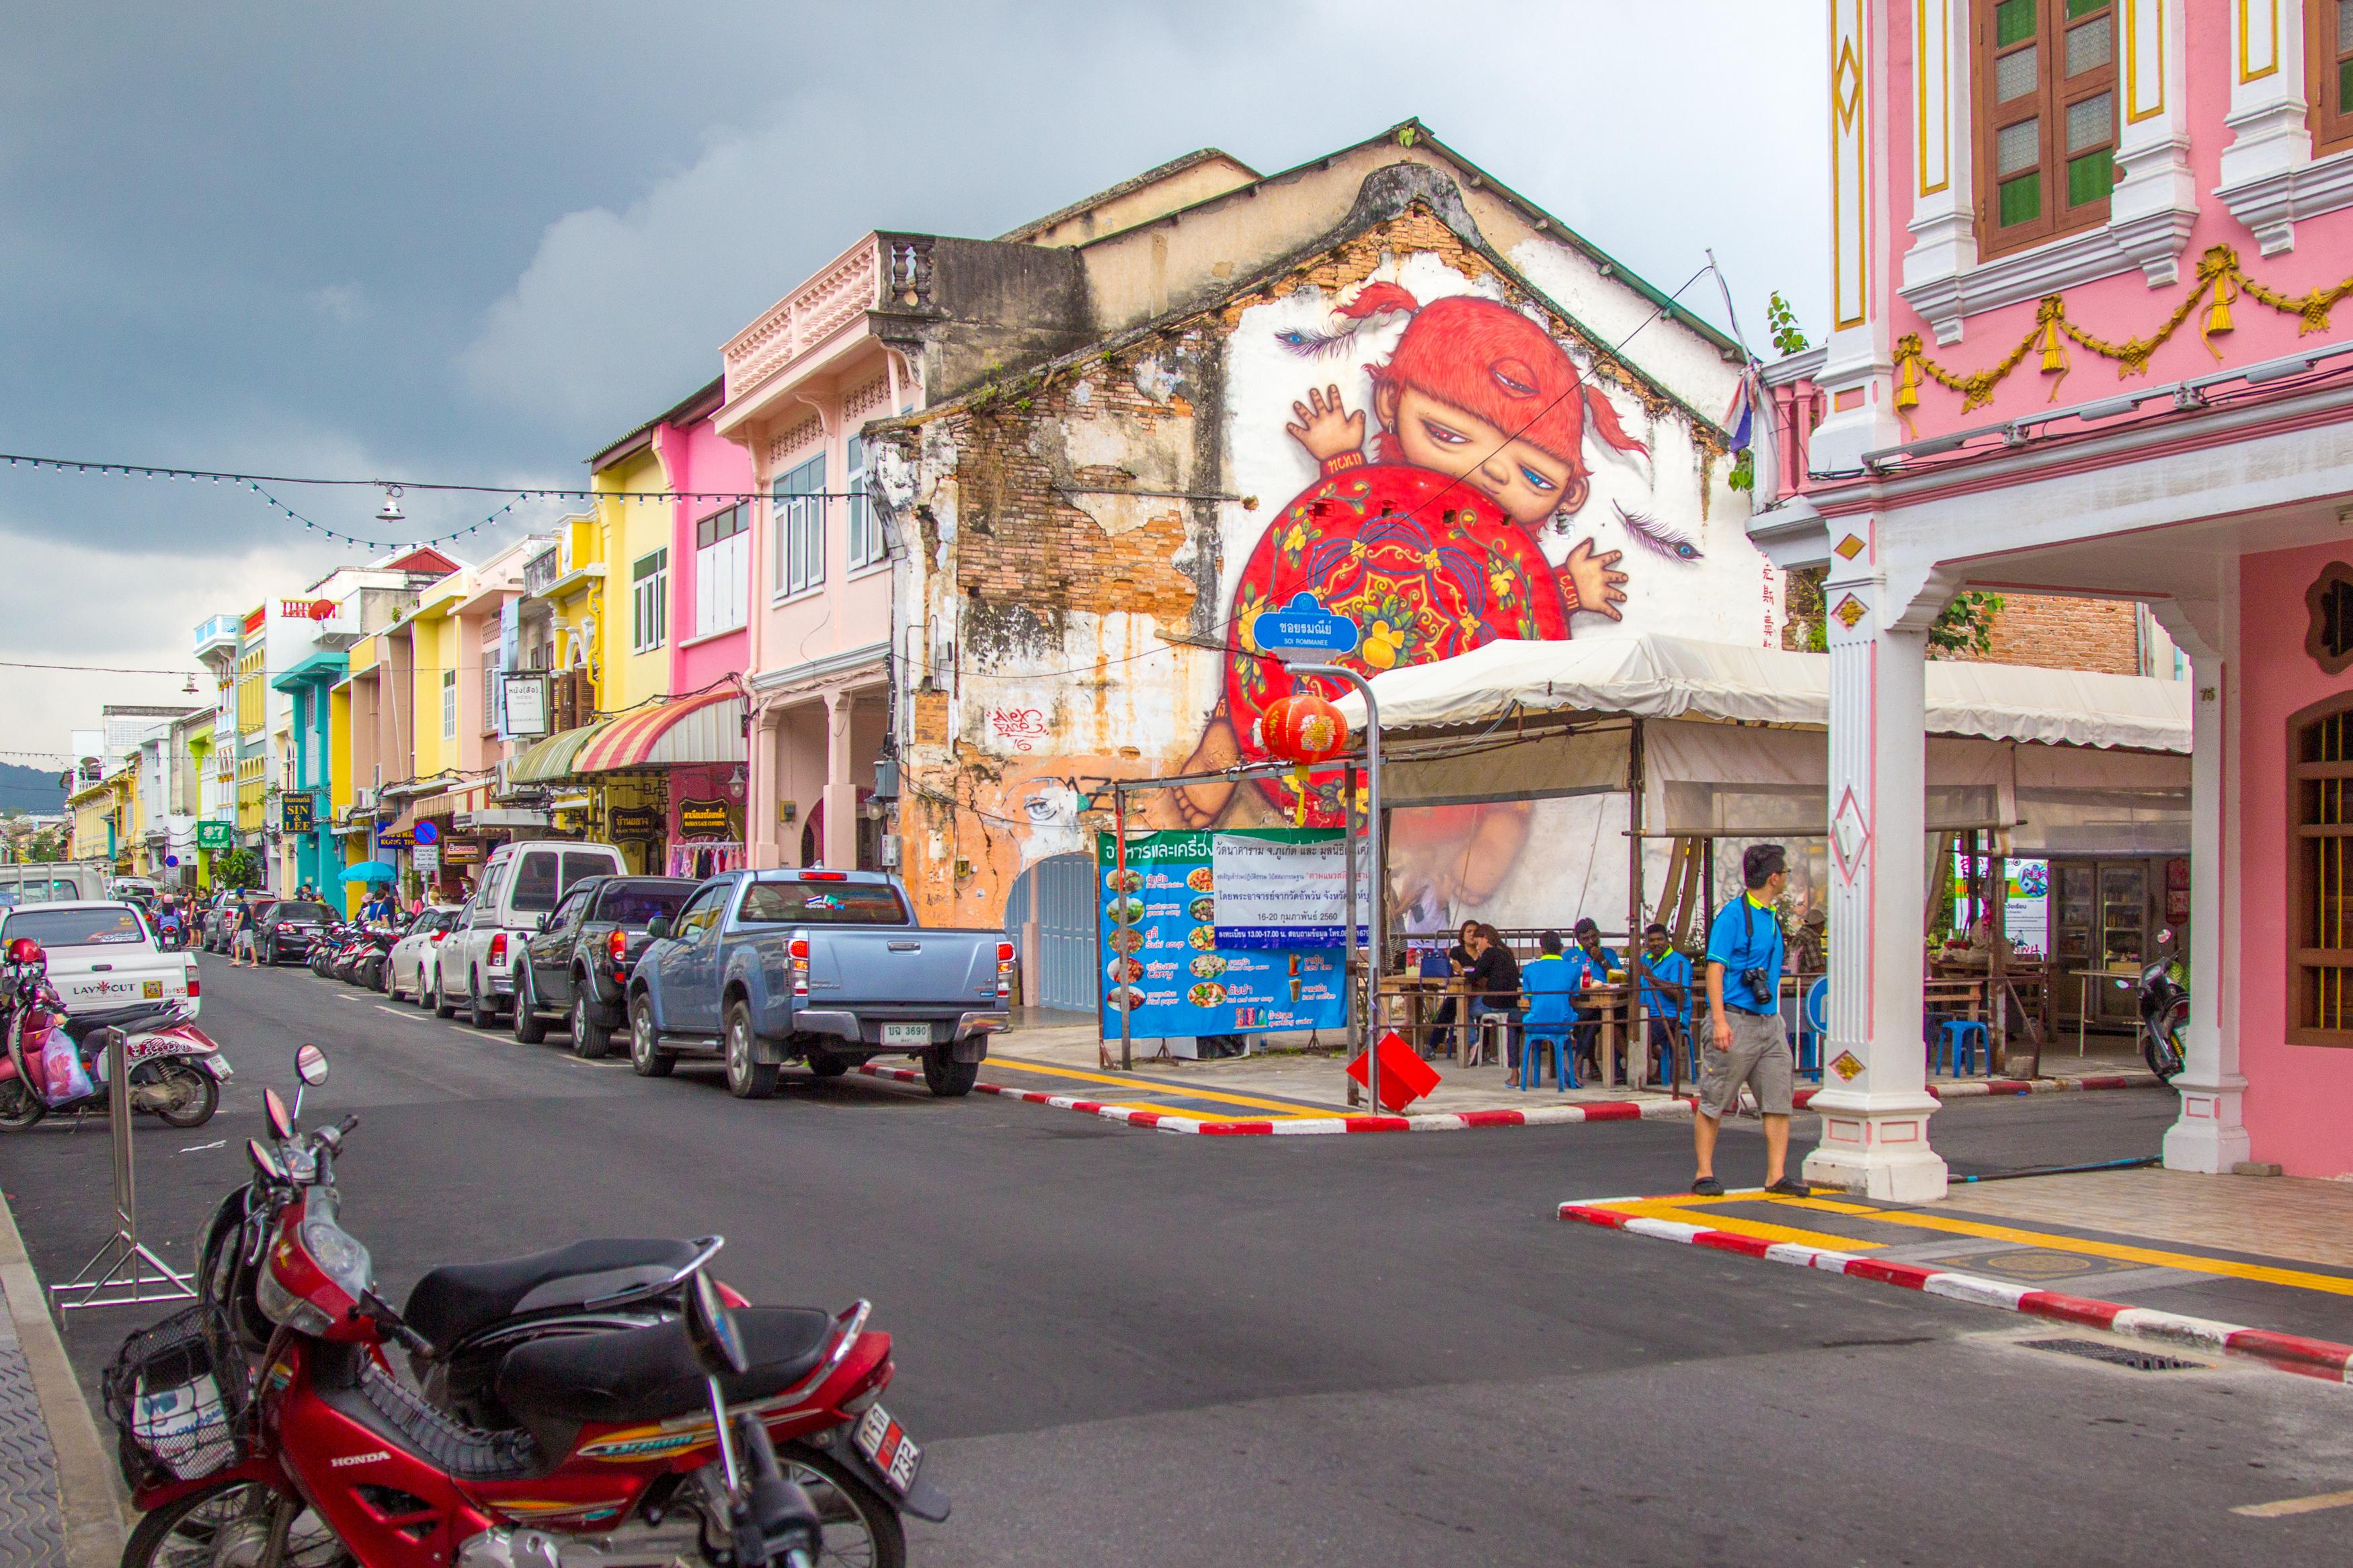 В Таиланде могут пересмотреть политику двойных цен для тайцев и иностранцев